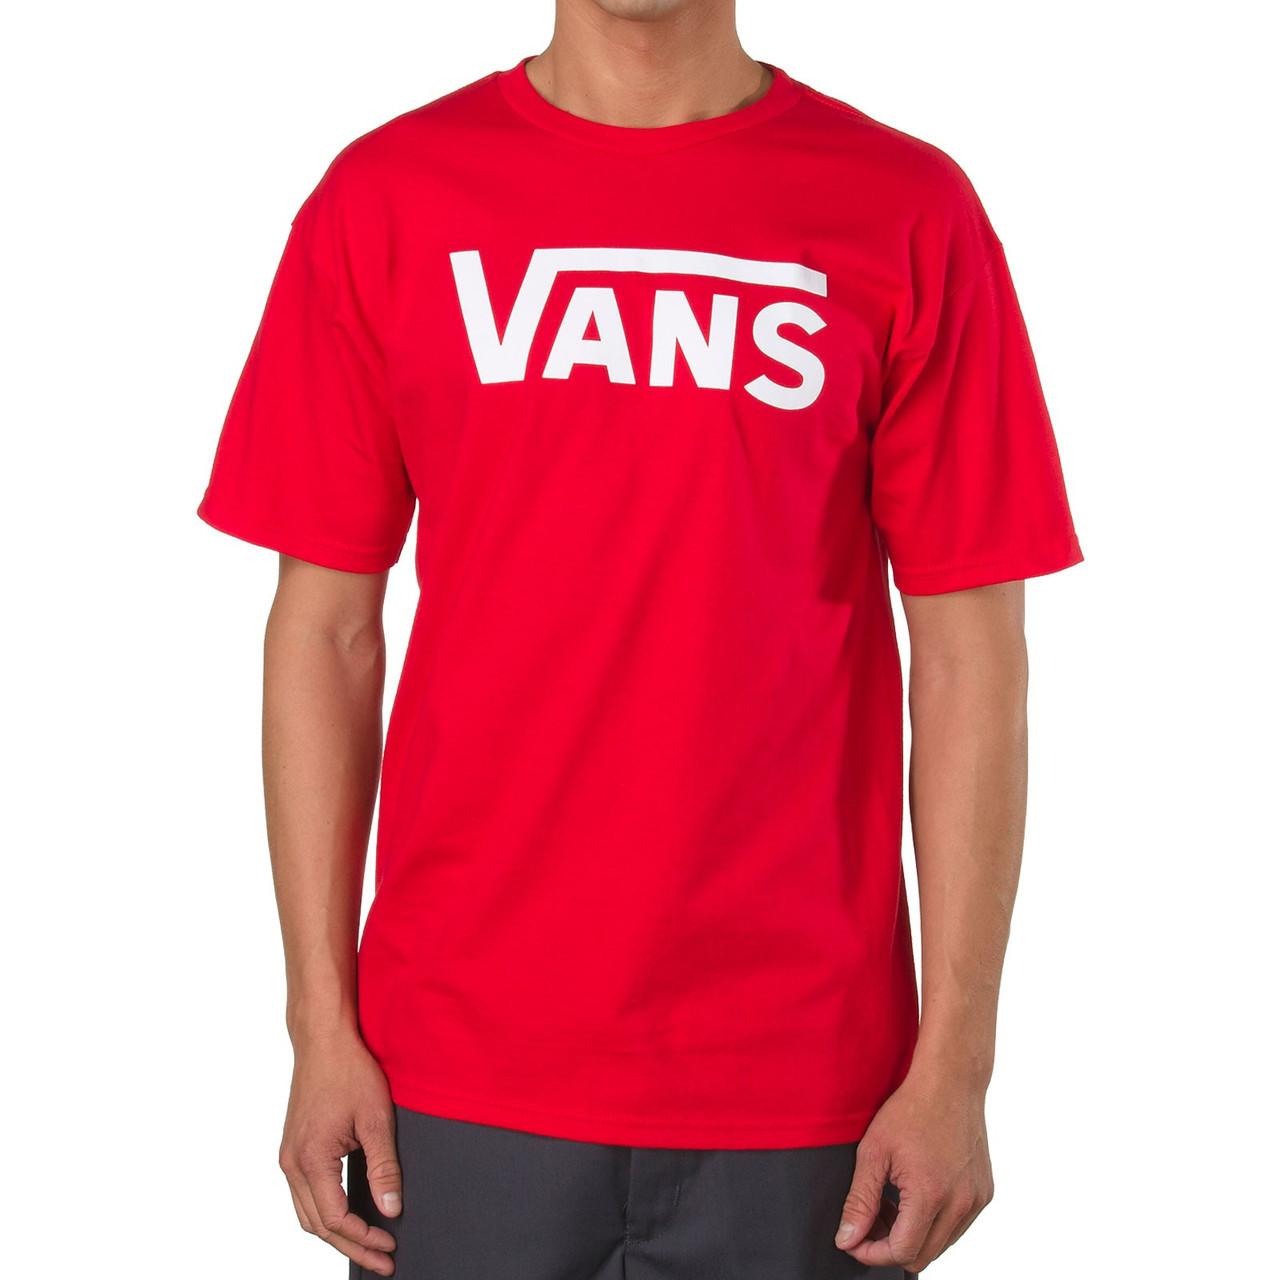 Футболка с принтом Vans мужская | Красная